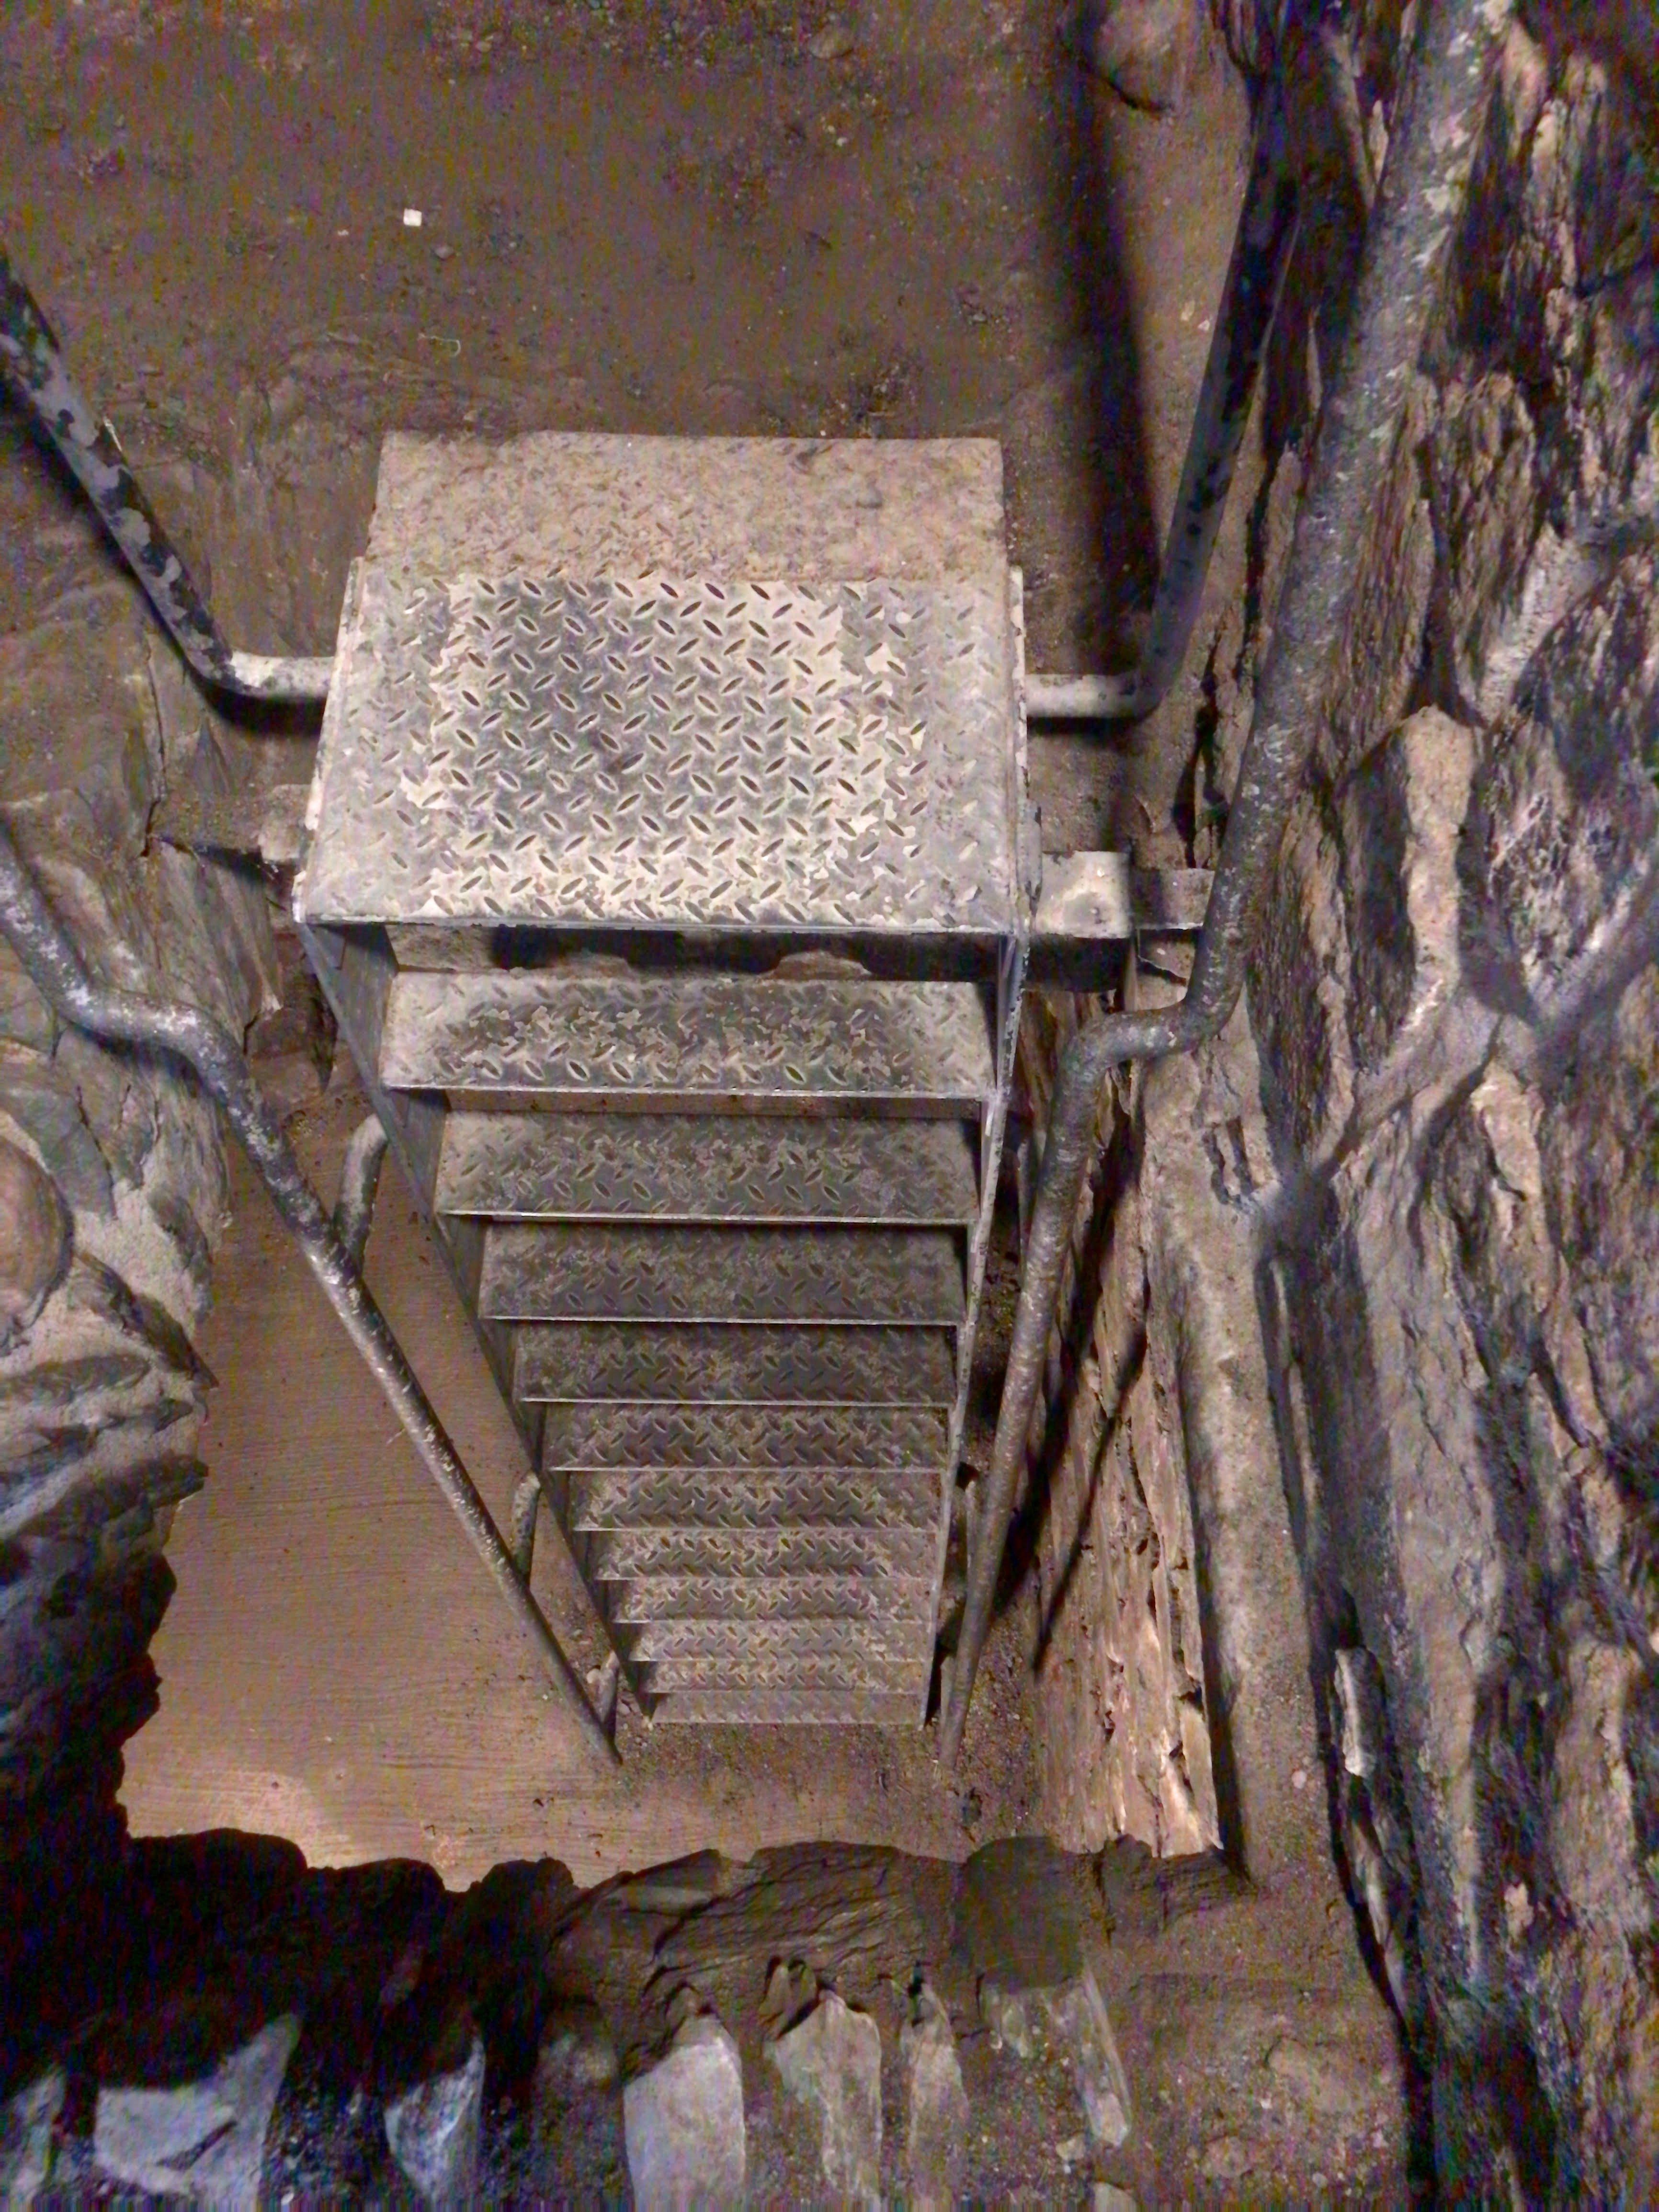 Dundonald Castle Dungeon Pit